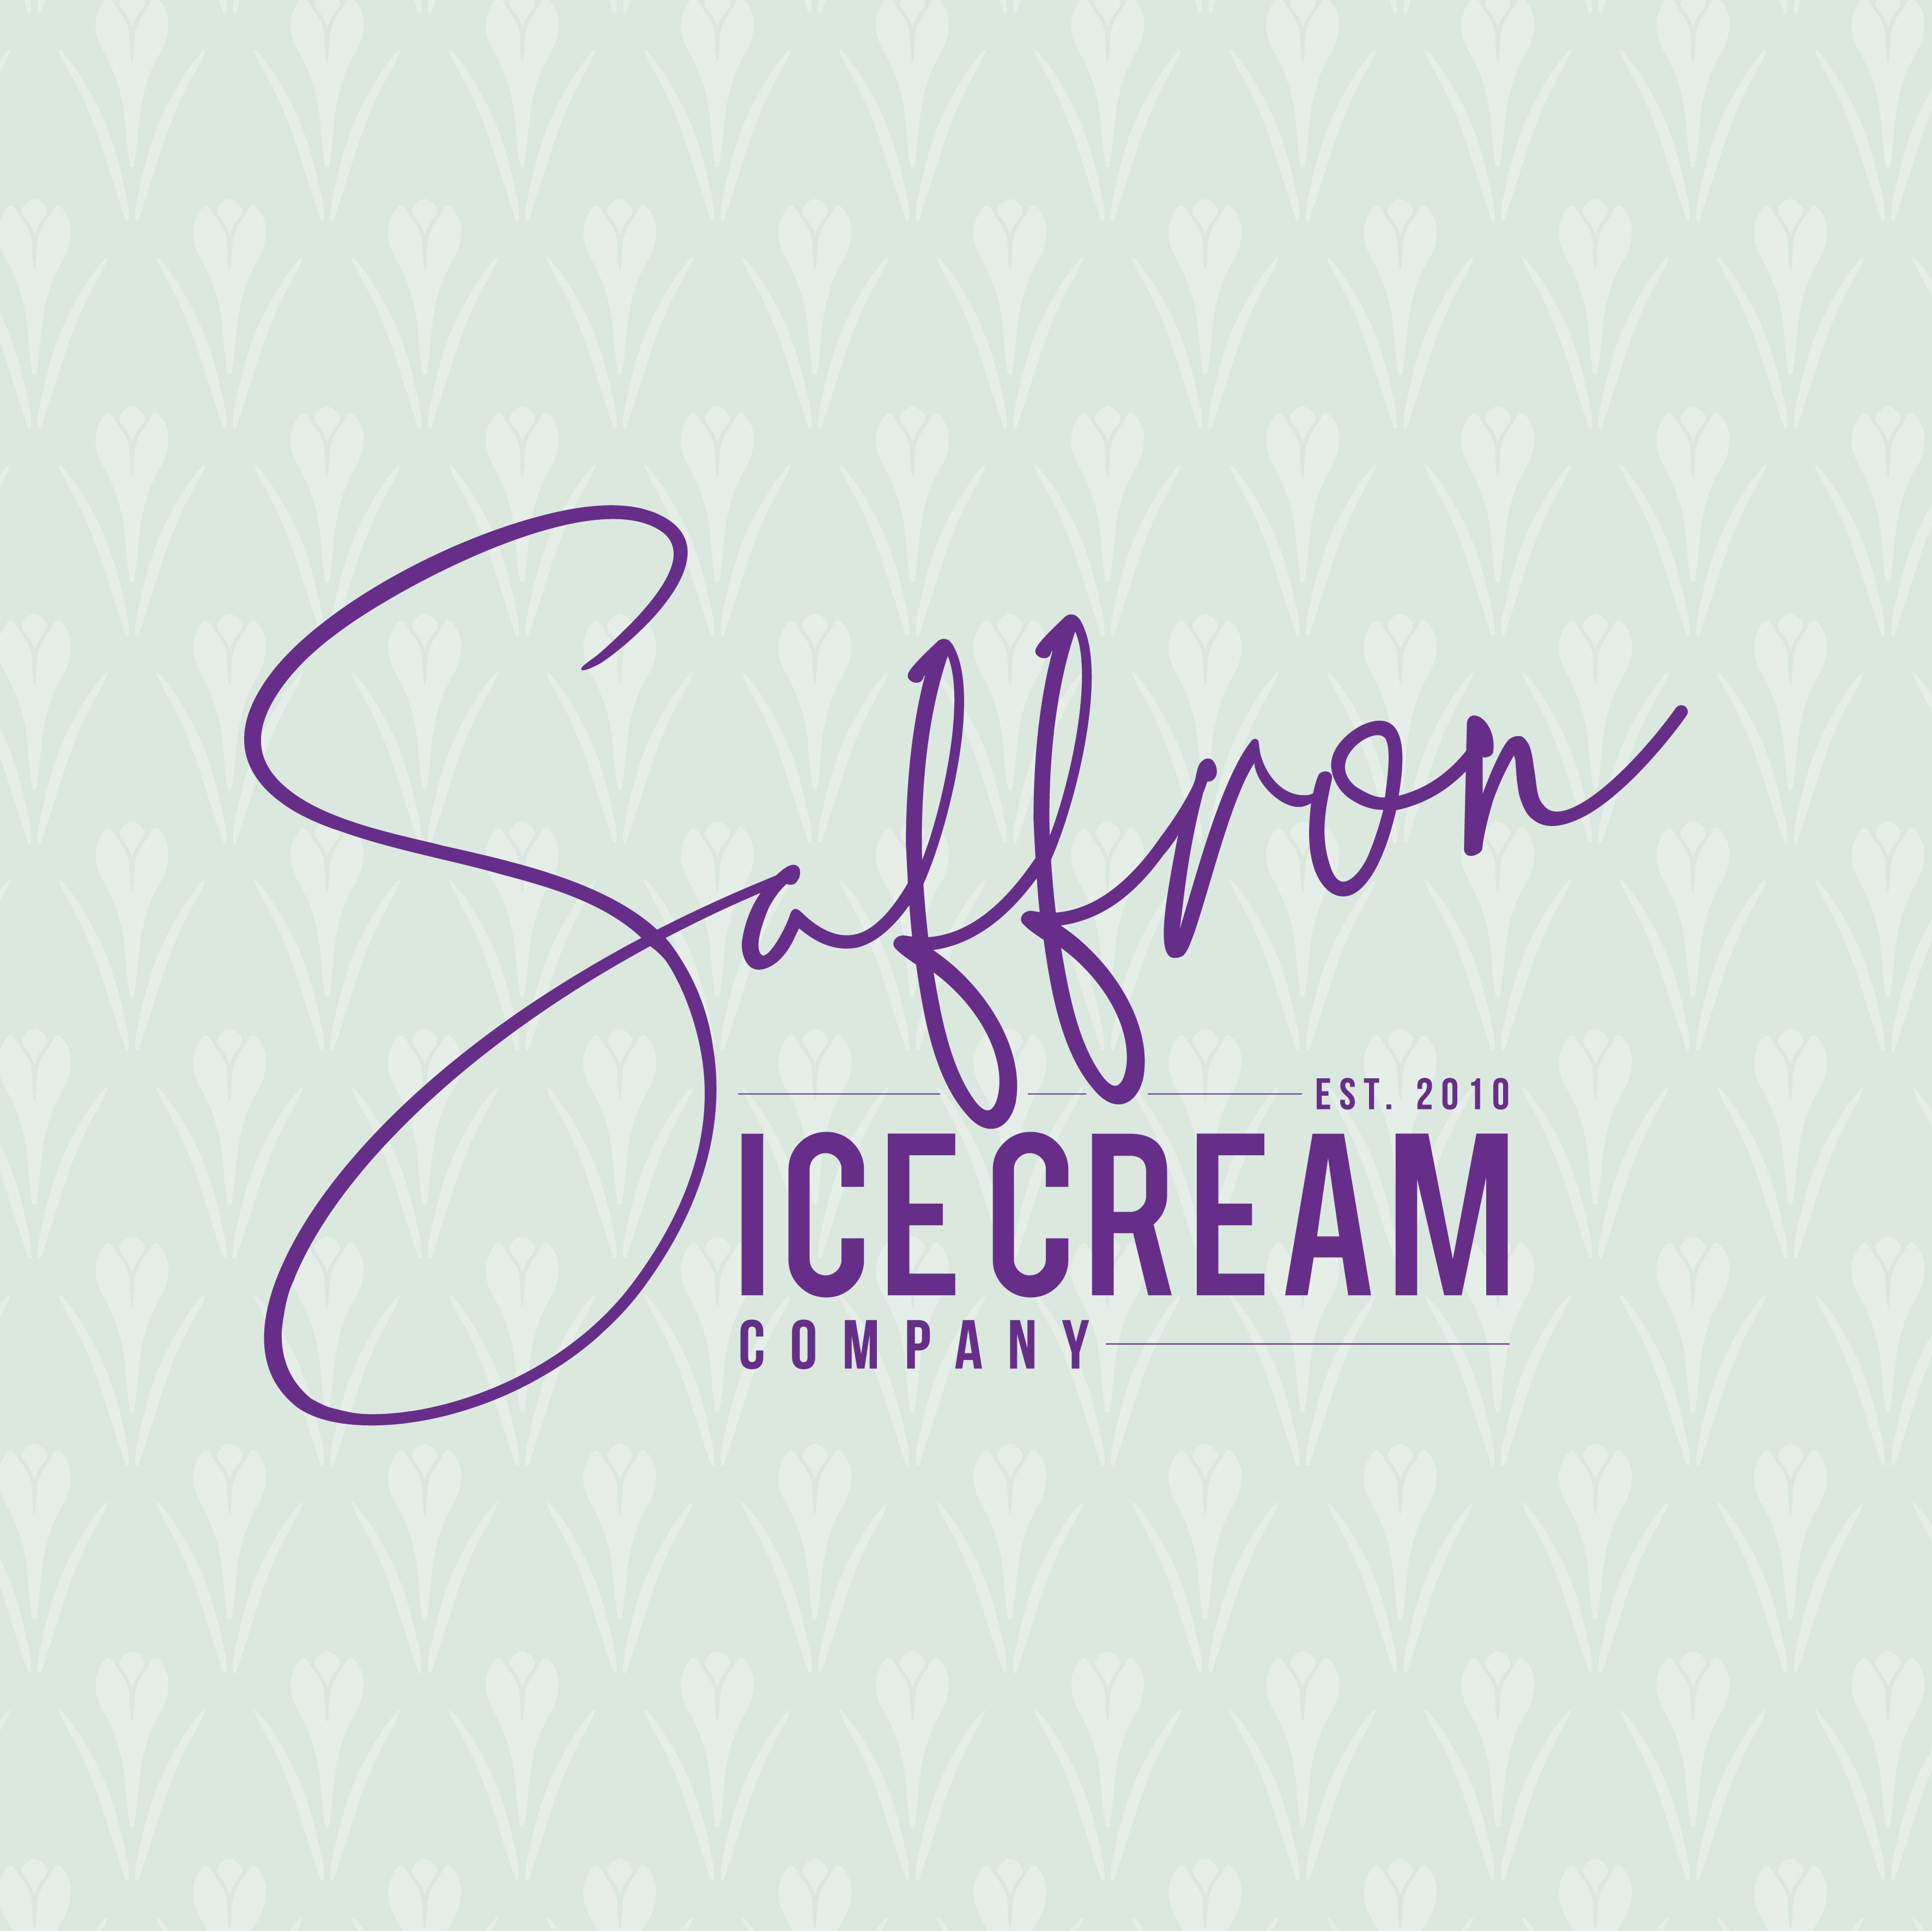 The Saffron Ice Cream Company